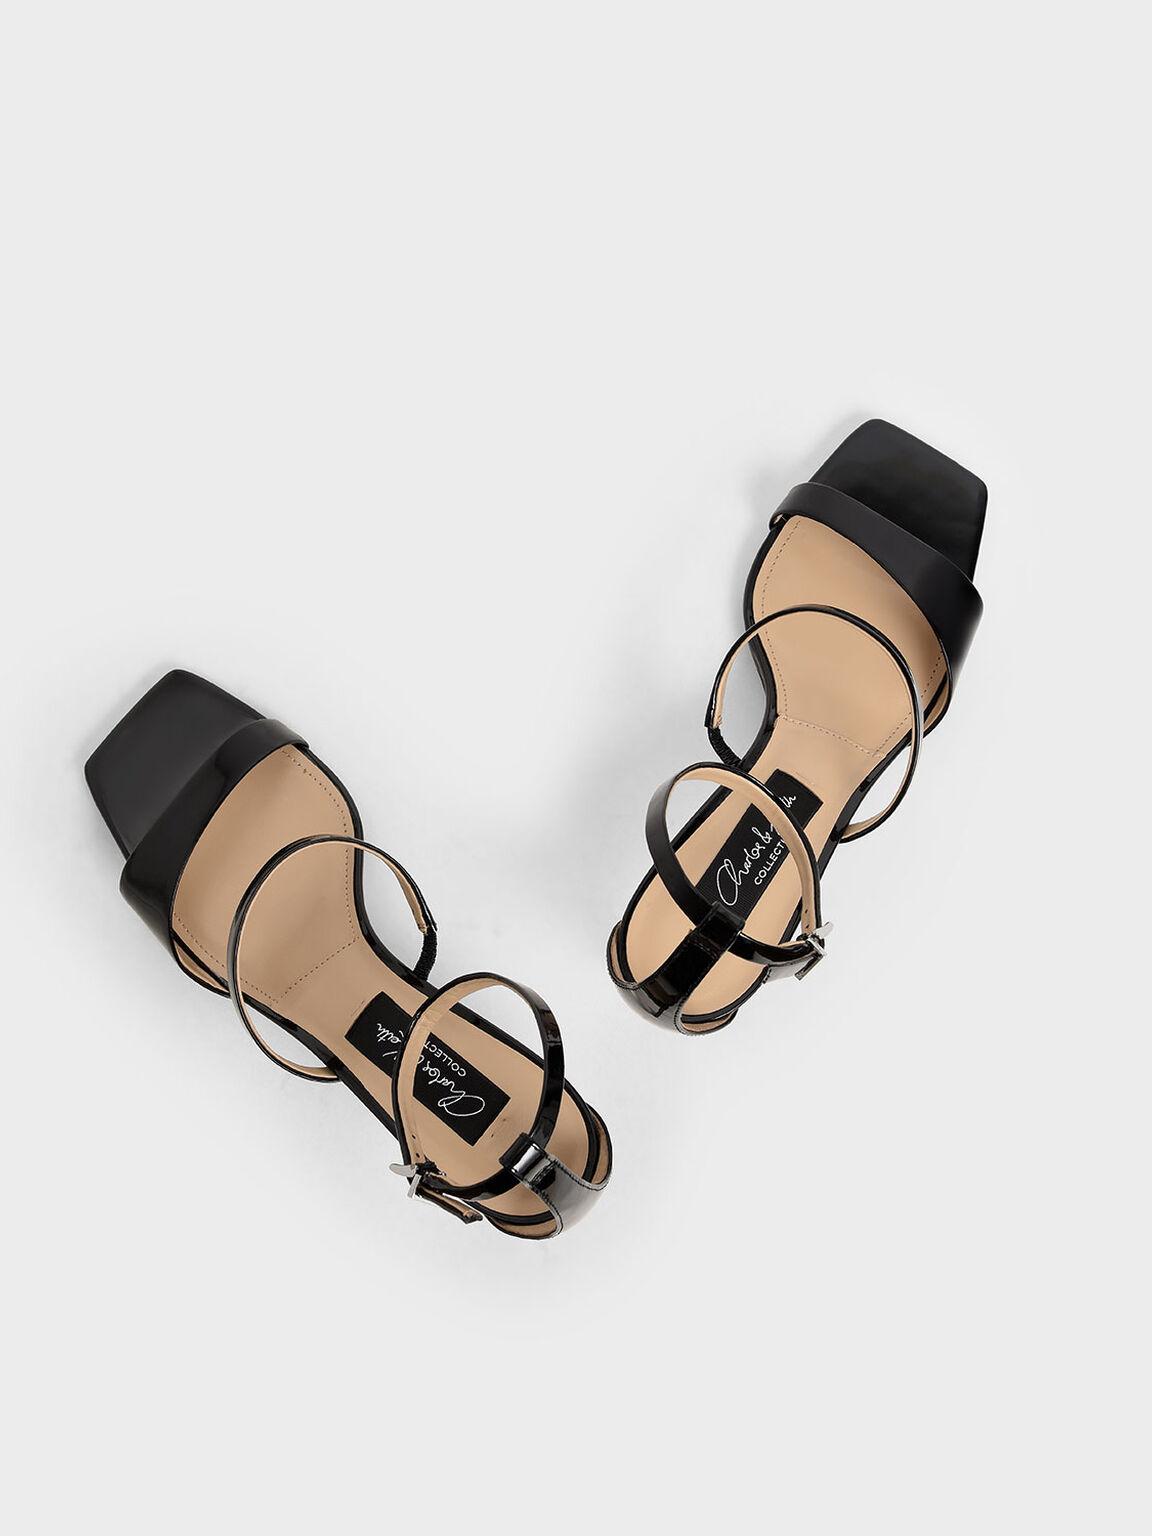 漆皮繞踝細跟鞋, 黑色, hi-res